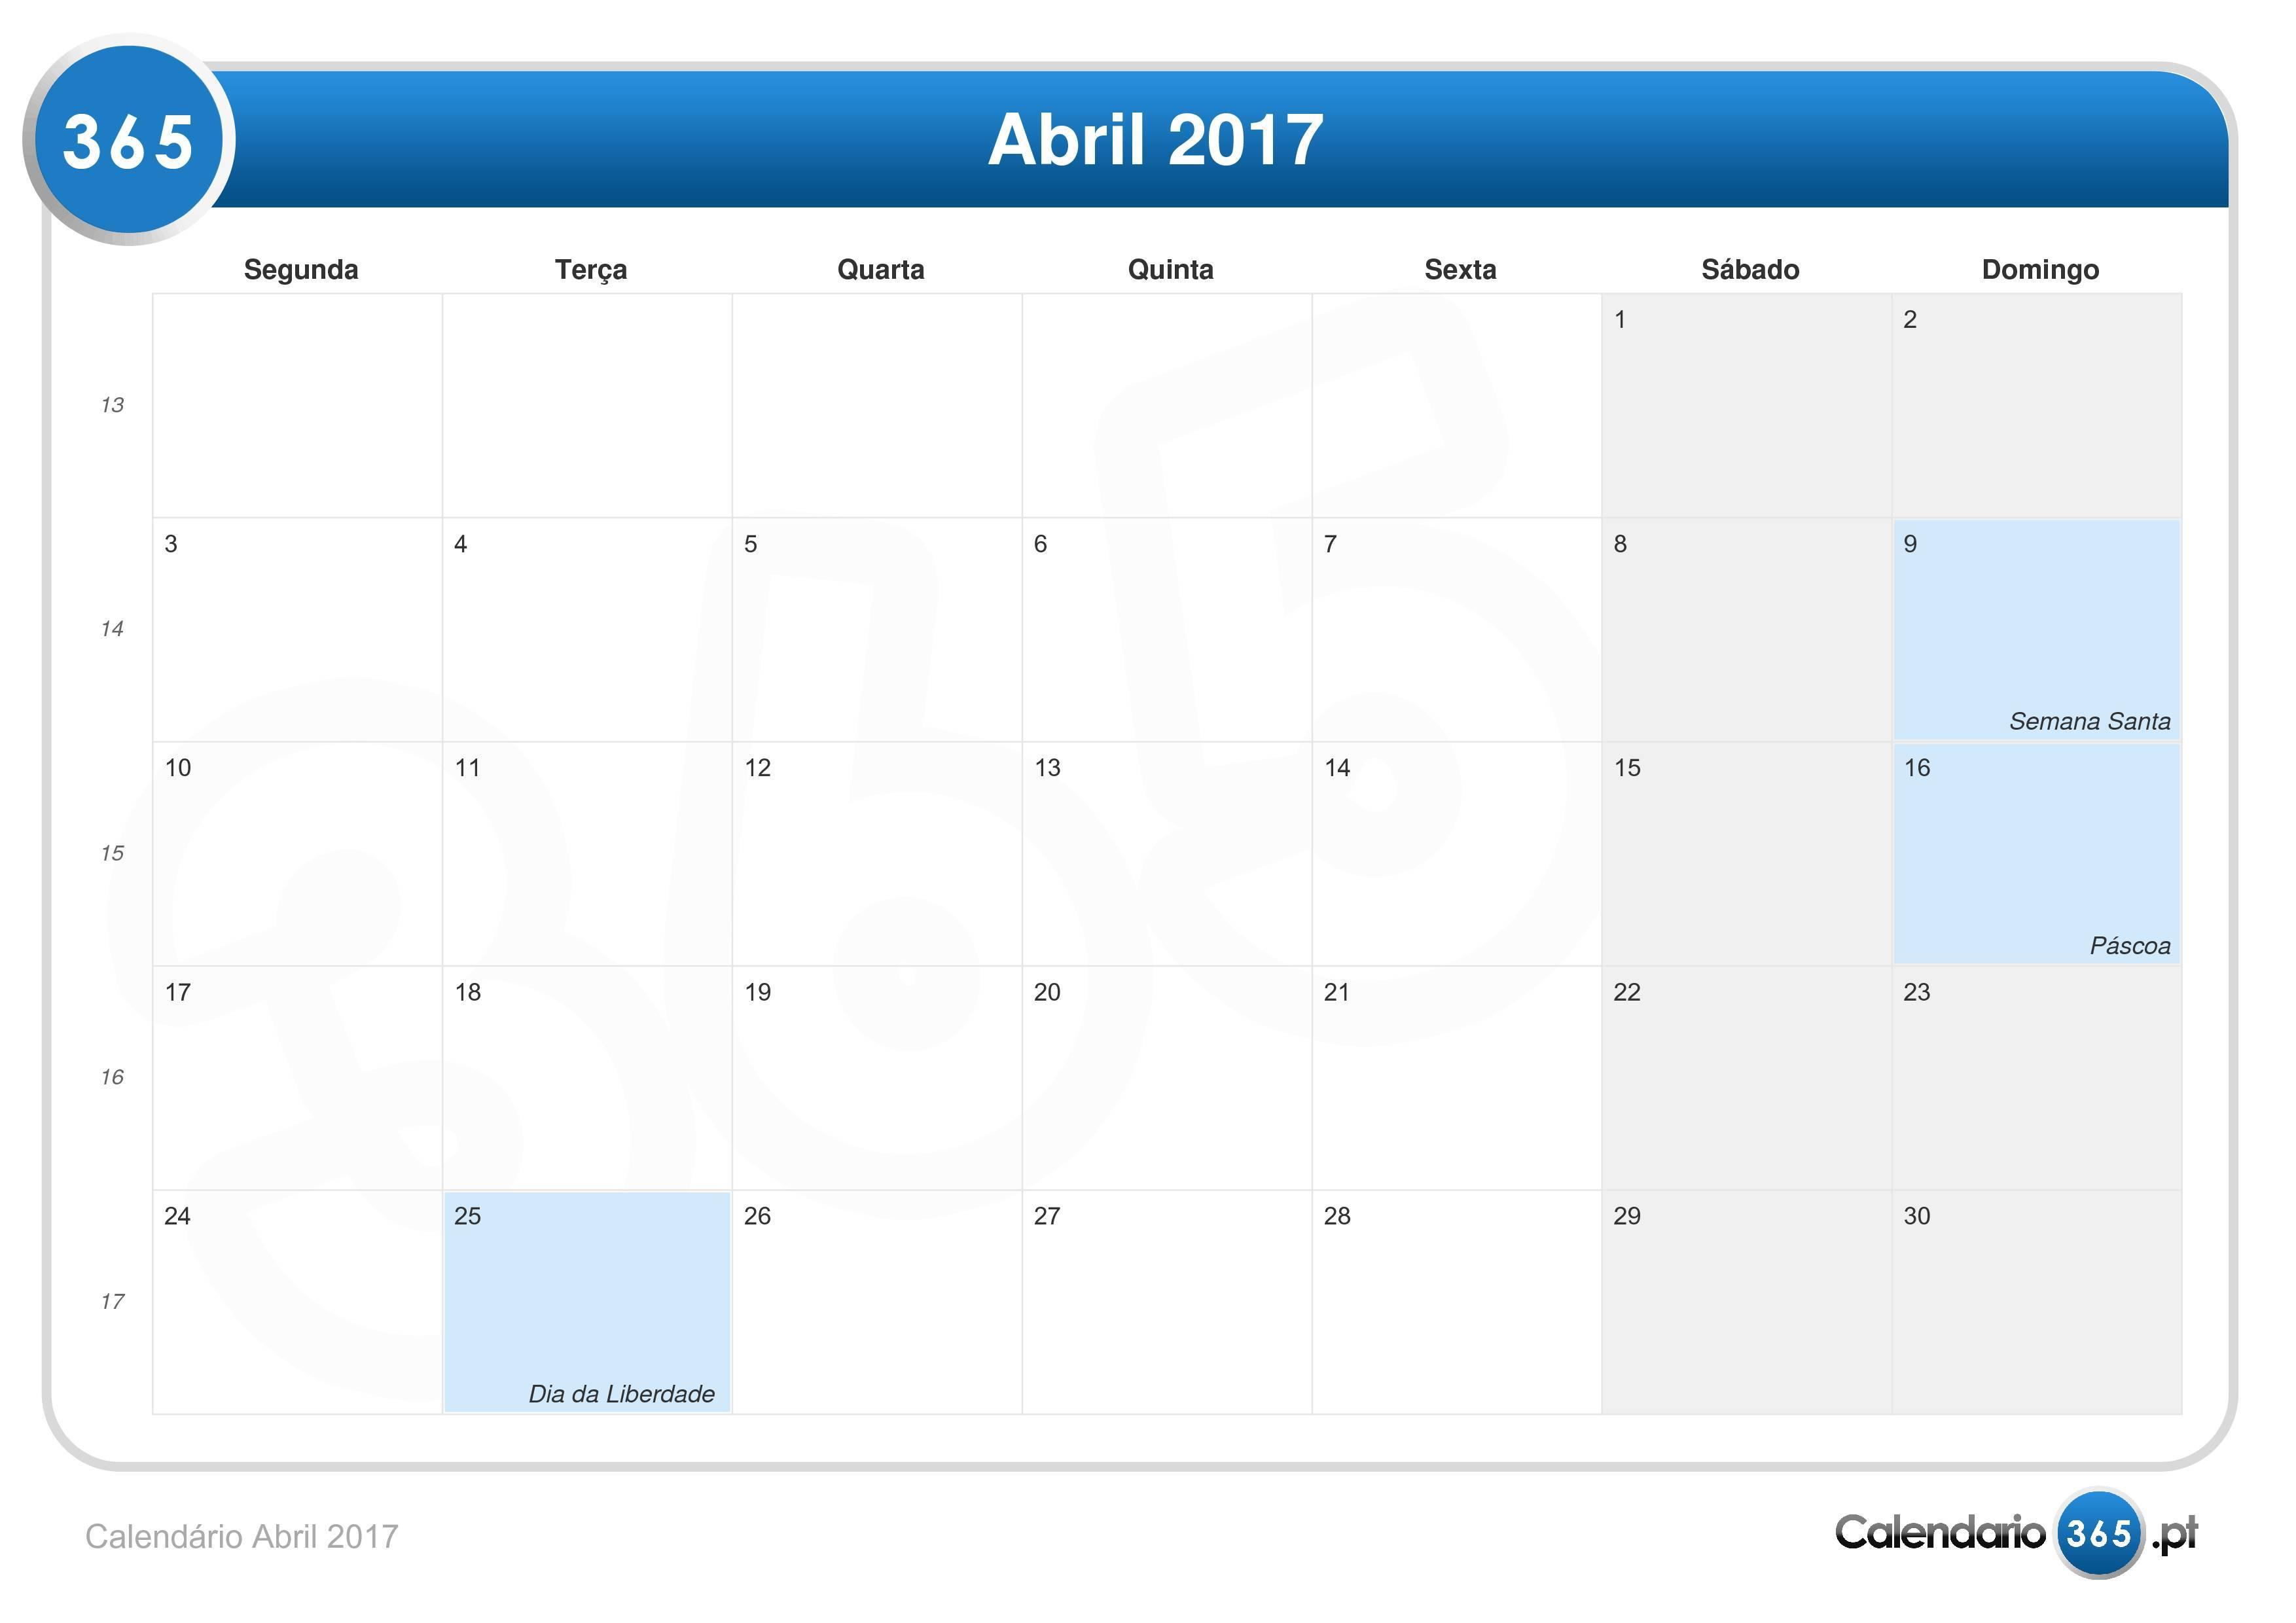 Calend rio abril 2017 for Calendario ferias